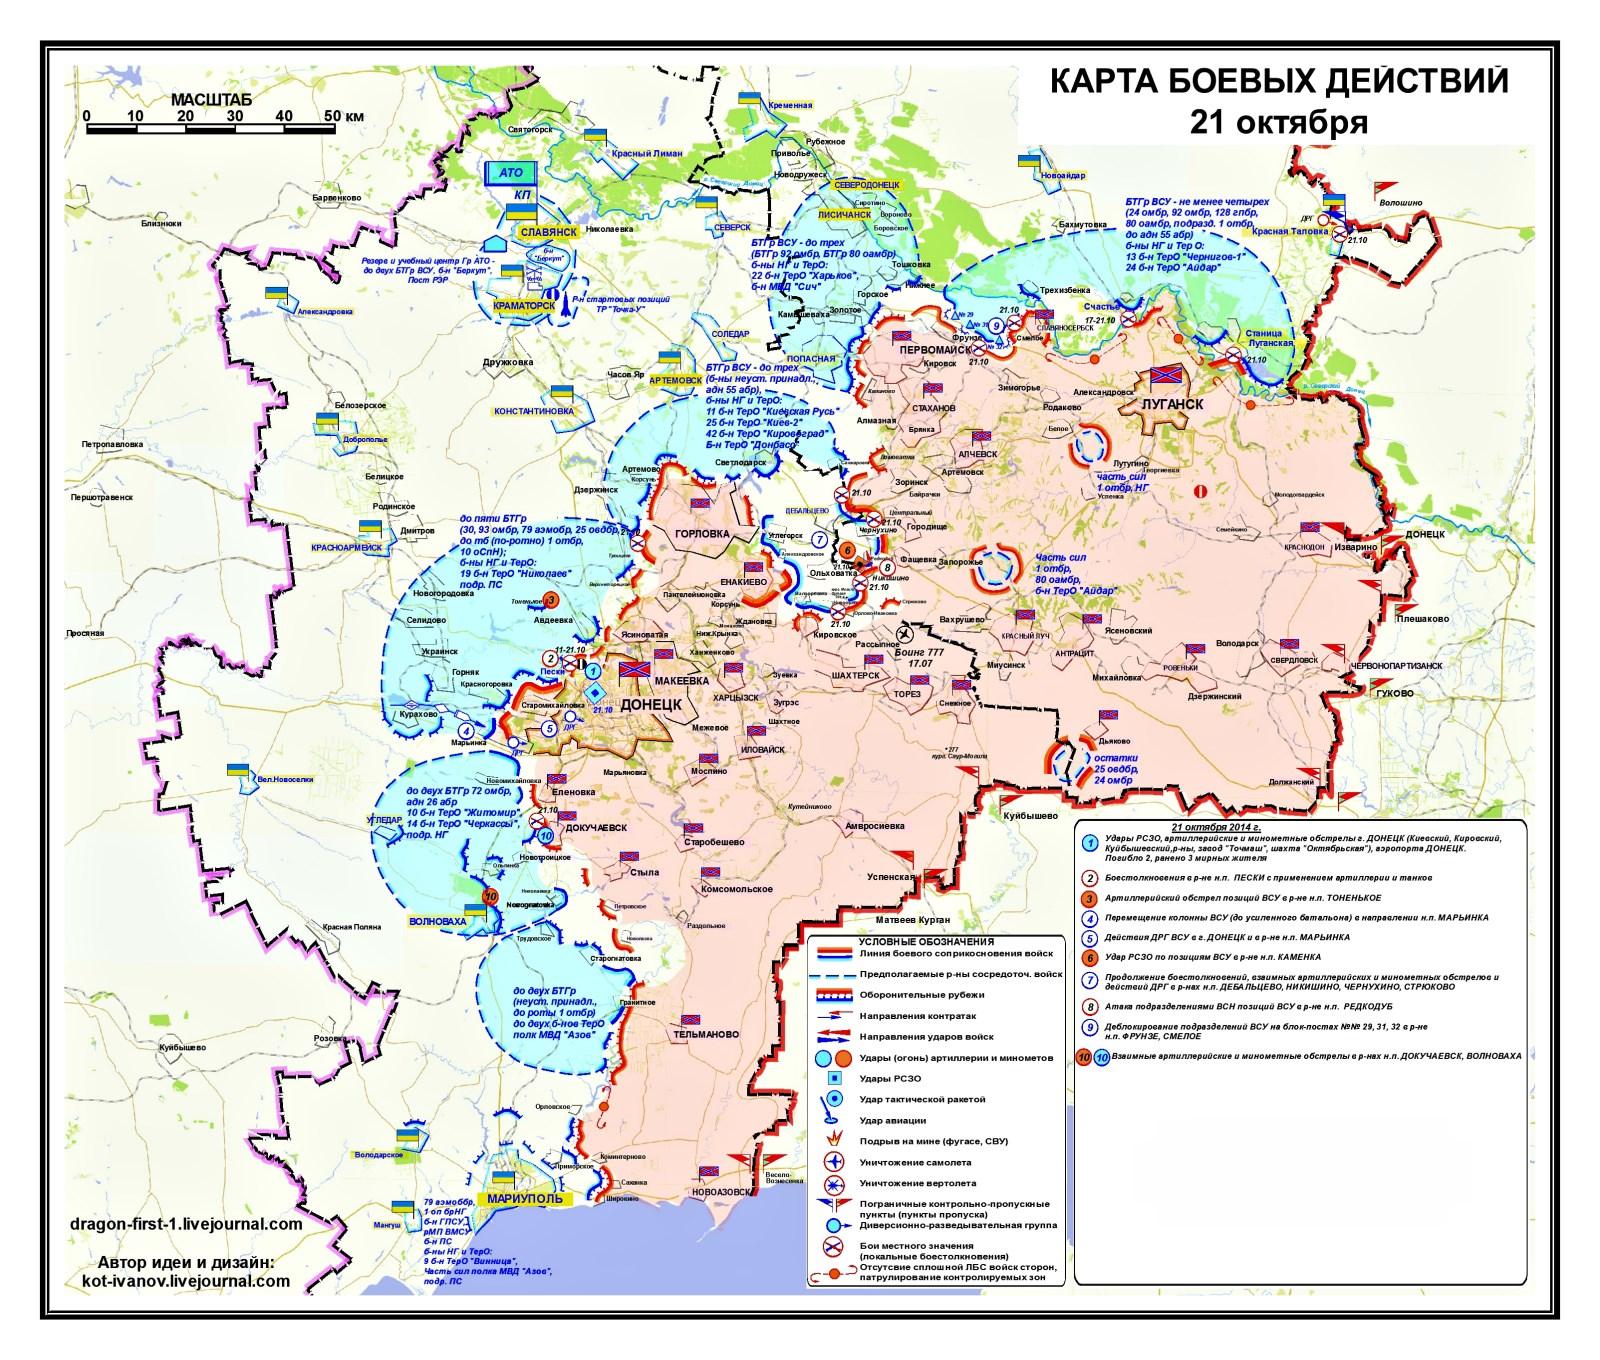 00 novorossiya. sitrep map 01. 22.10.14